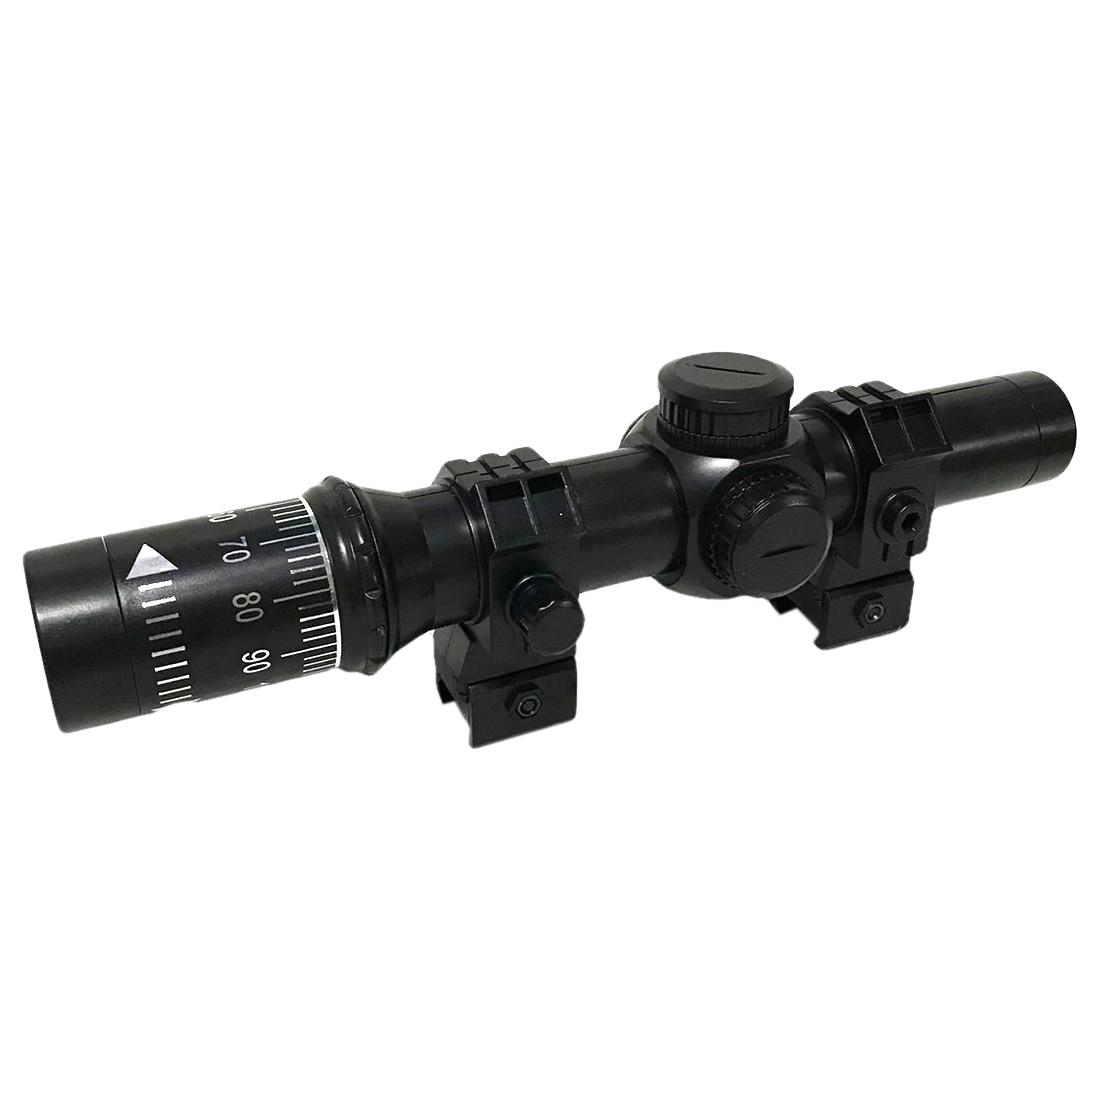 NFSTRIKE Réglable 8-Fois Portée Pour Billes De Gel De L'eau Blaster Avec 21mm Guide Rail Modification Remplacement-Noir